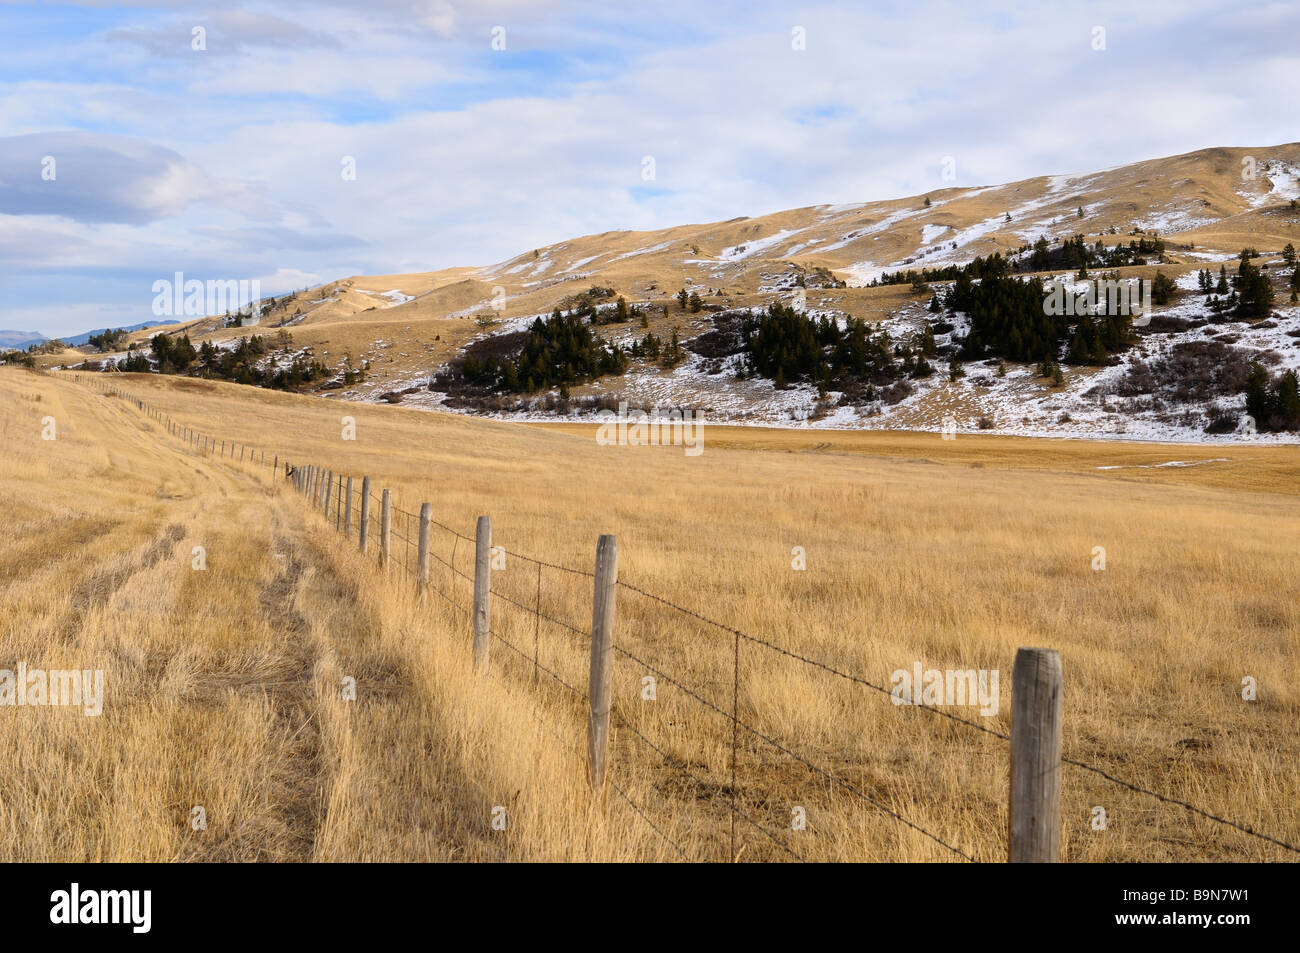 Los pastos en Bozeman pass en old boseman hill road, Montana, EE.UU. Imagen De Stock